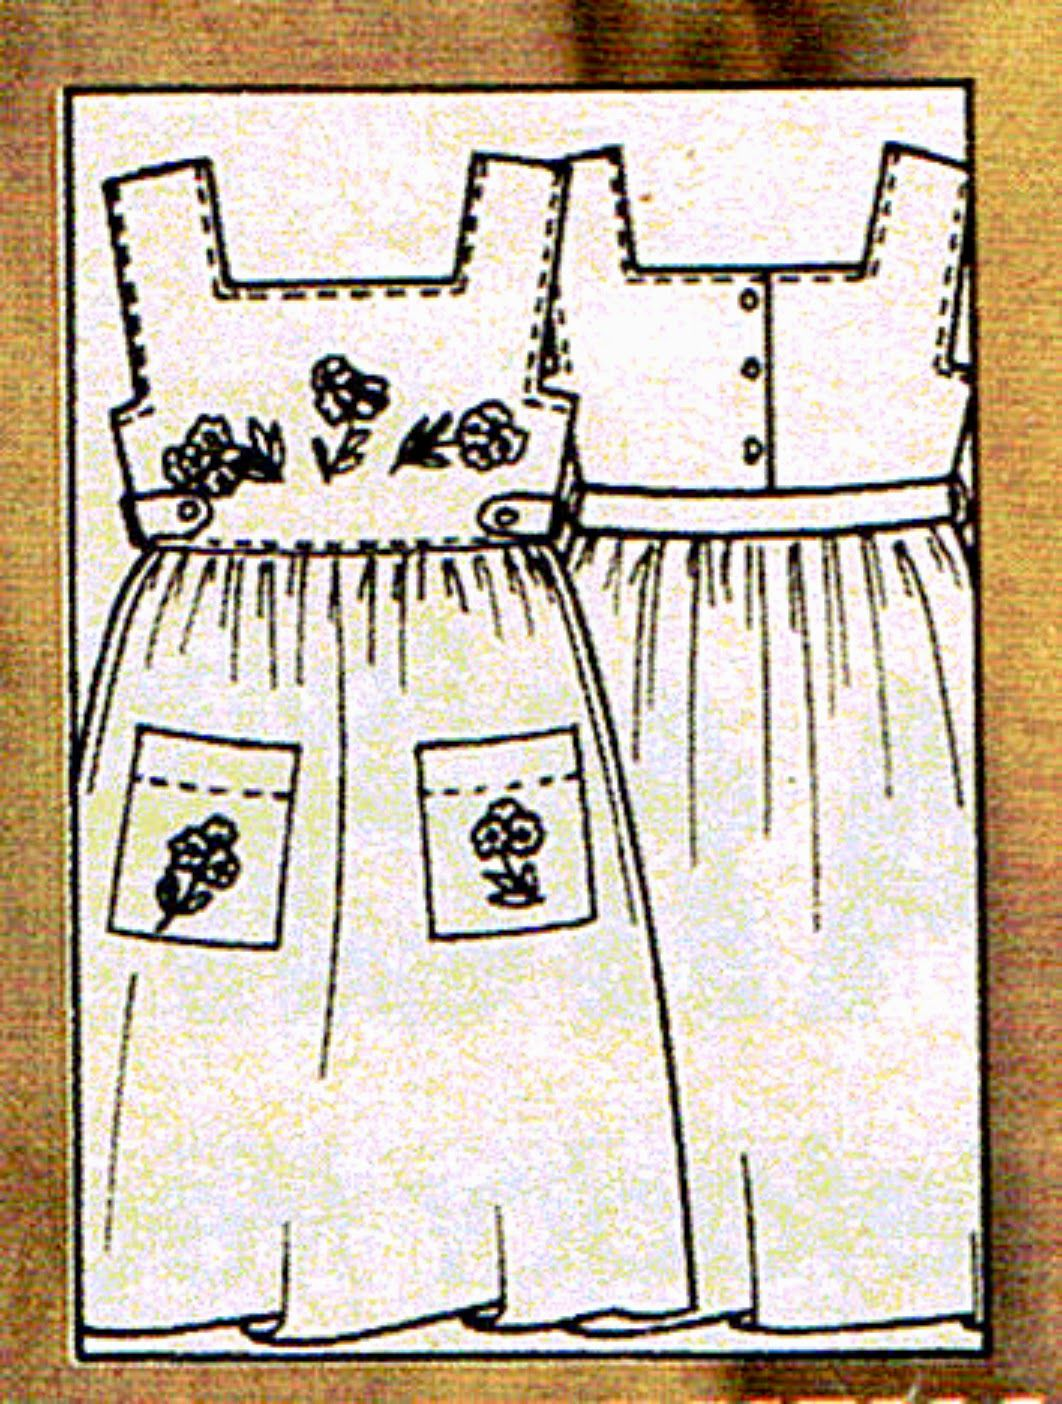 Patrones descargables de vestido talla 4 años. | costura | Pinterest ...